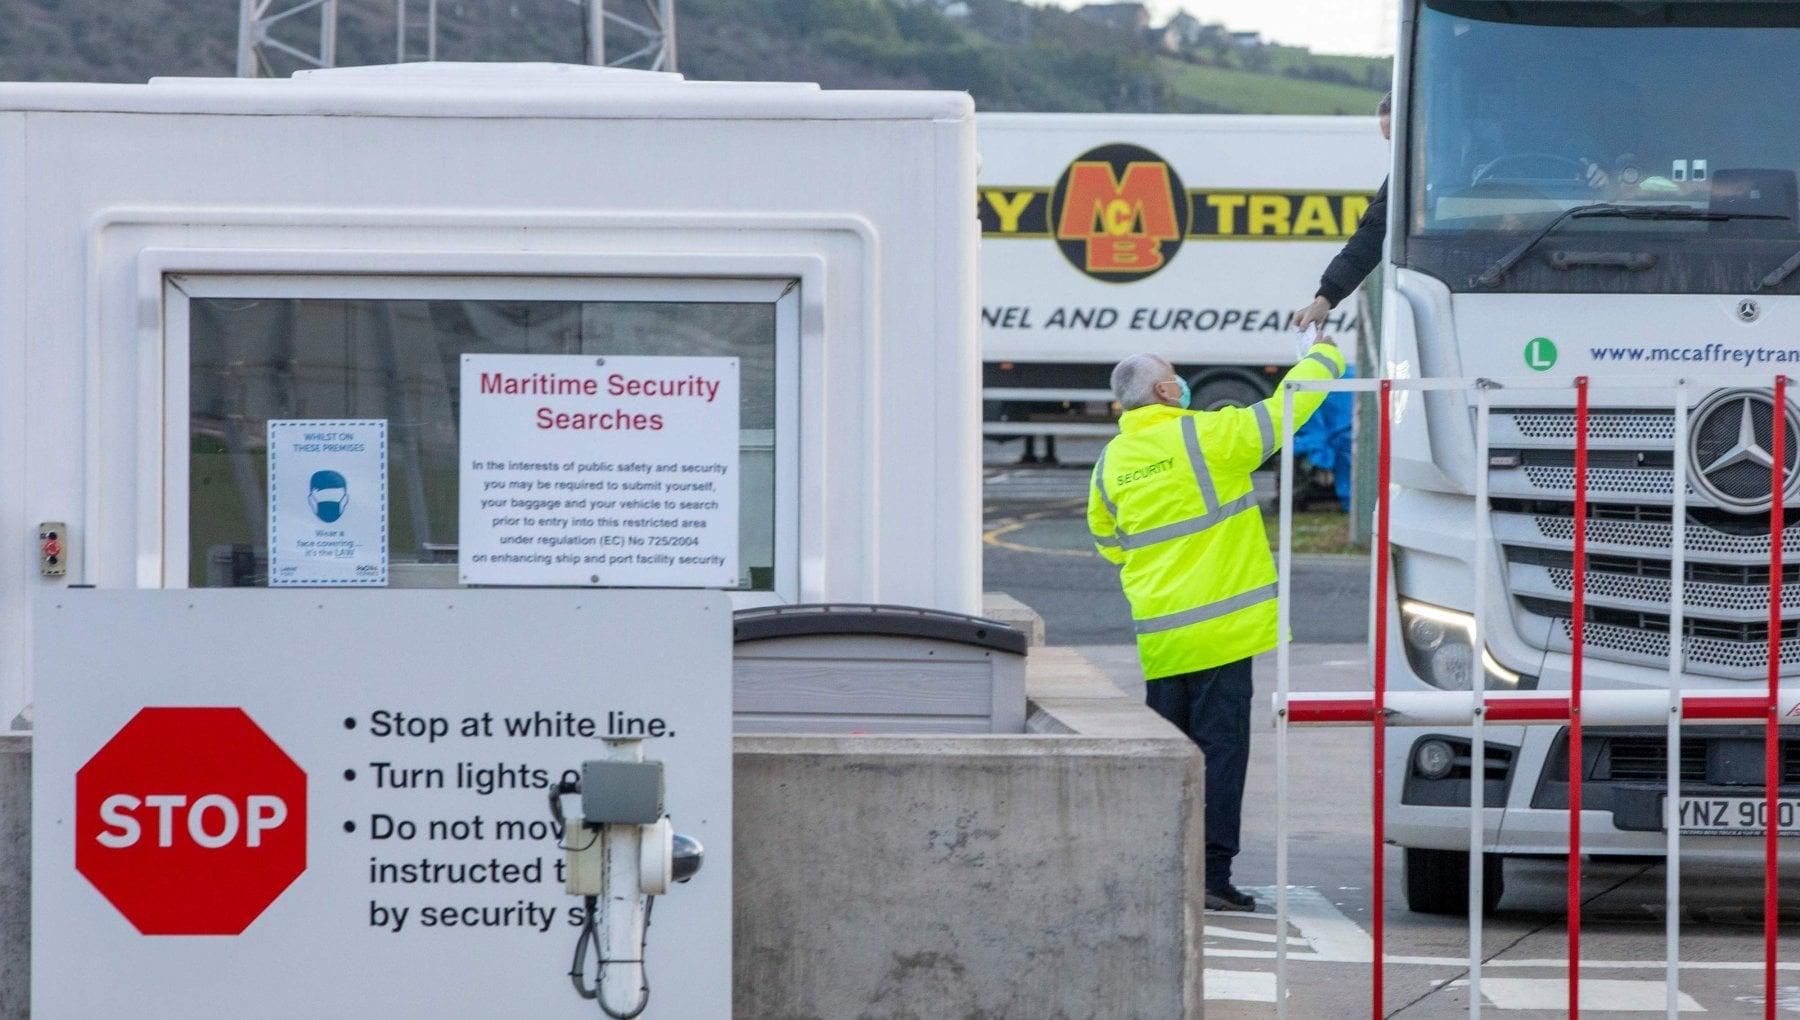 153542099 83a2d10e 44b1 4afe a7bf 065d1c36abd3 - Brexit, l'Irlanda del Nord sospende controlli ai porti: minacce al personale